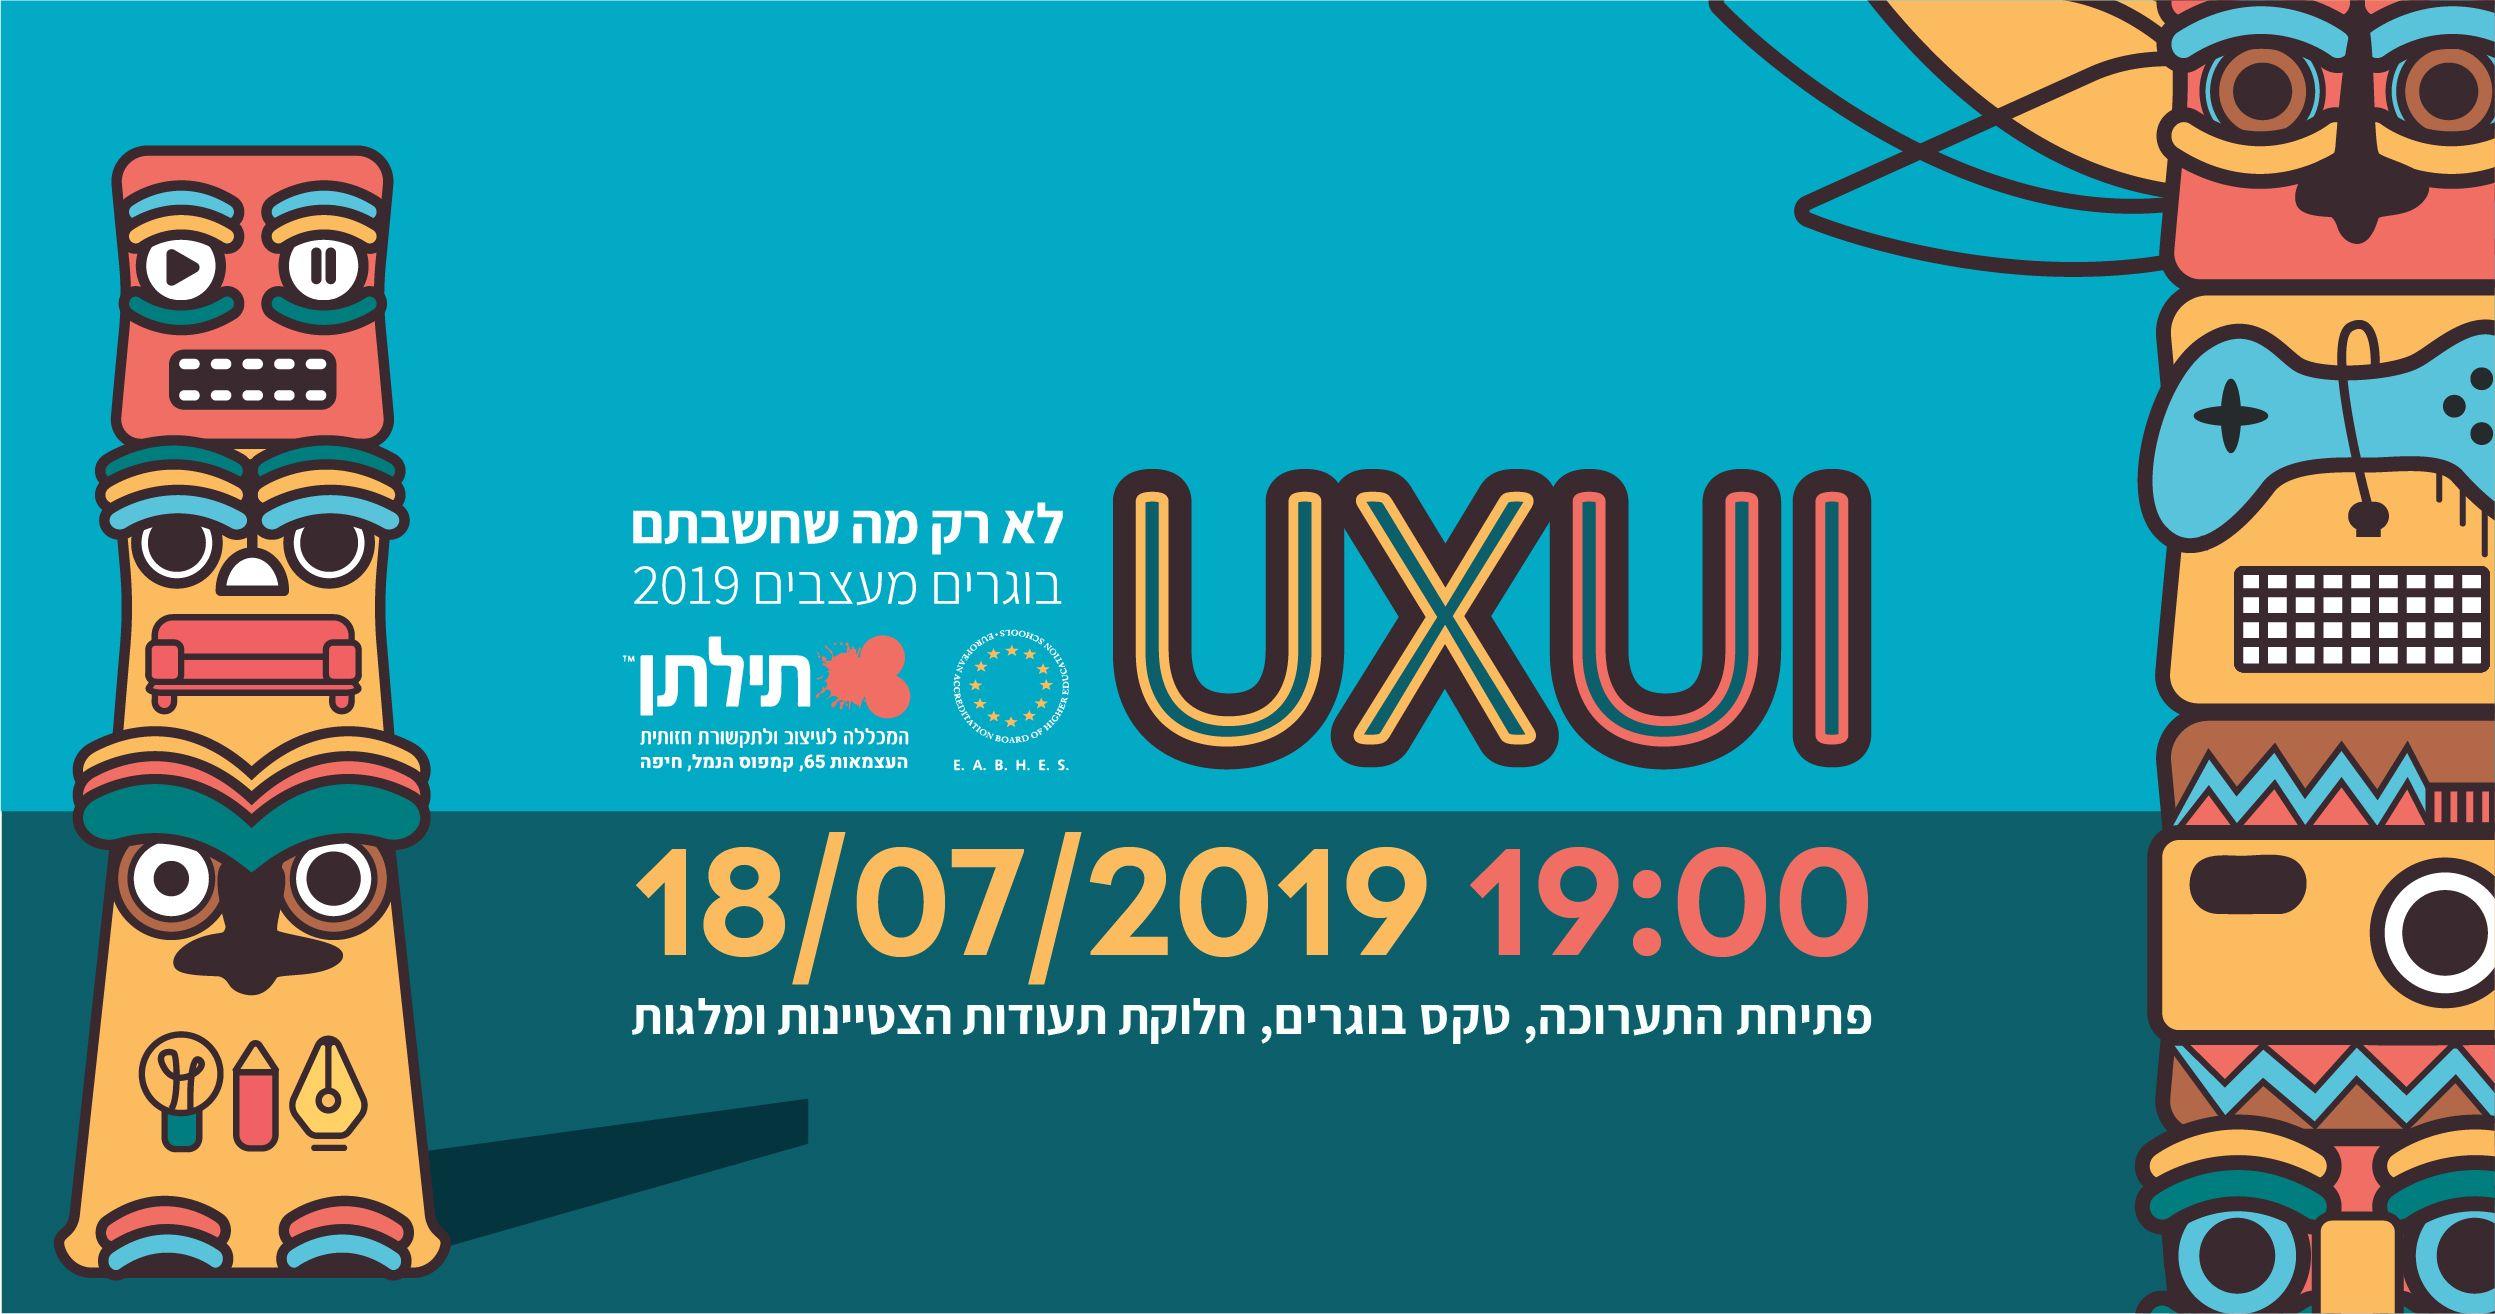 """""""UX/UI לא רק מה שחשבתם"""" תערוכת הגמר 2019 של בוגרי תילתן המכללה לעיצוב"""